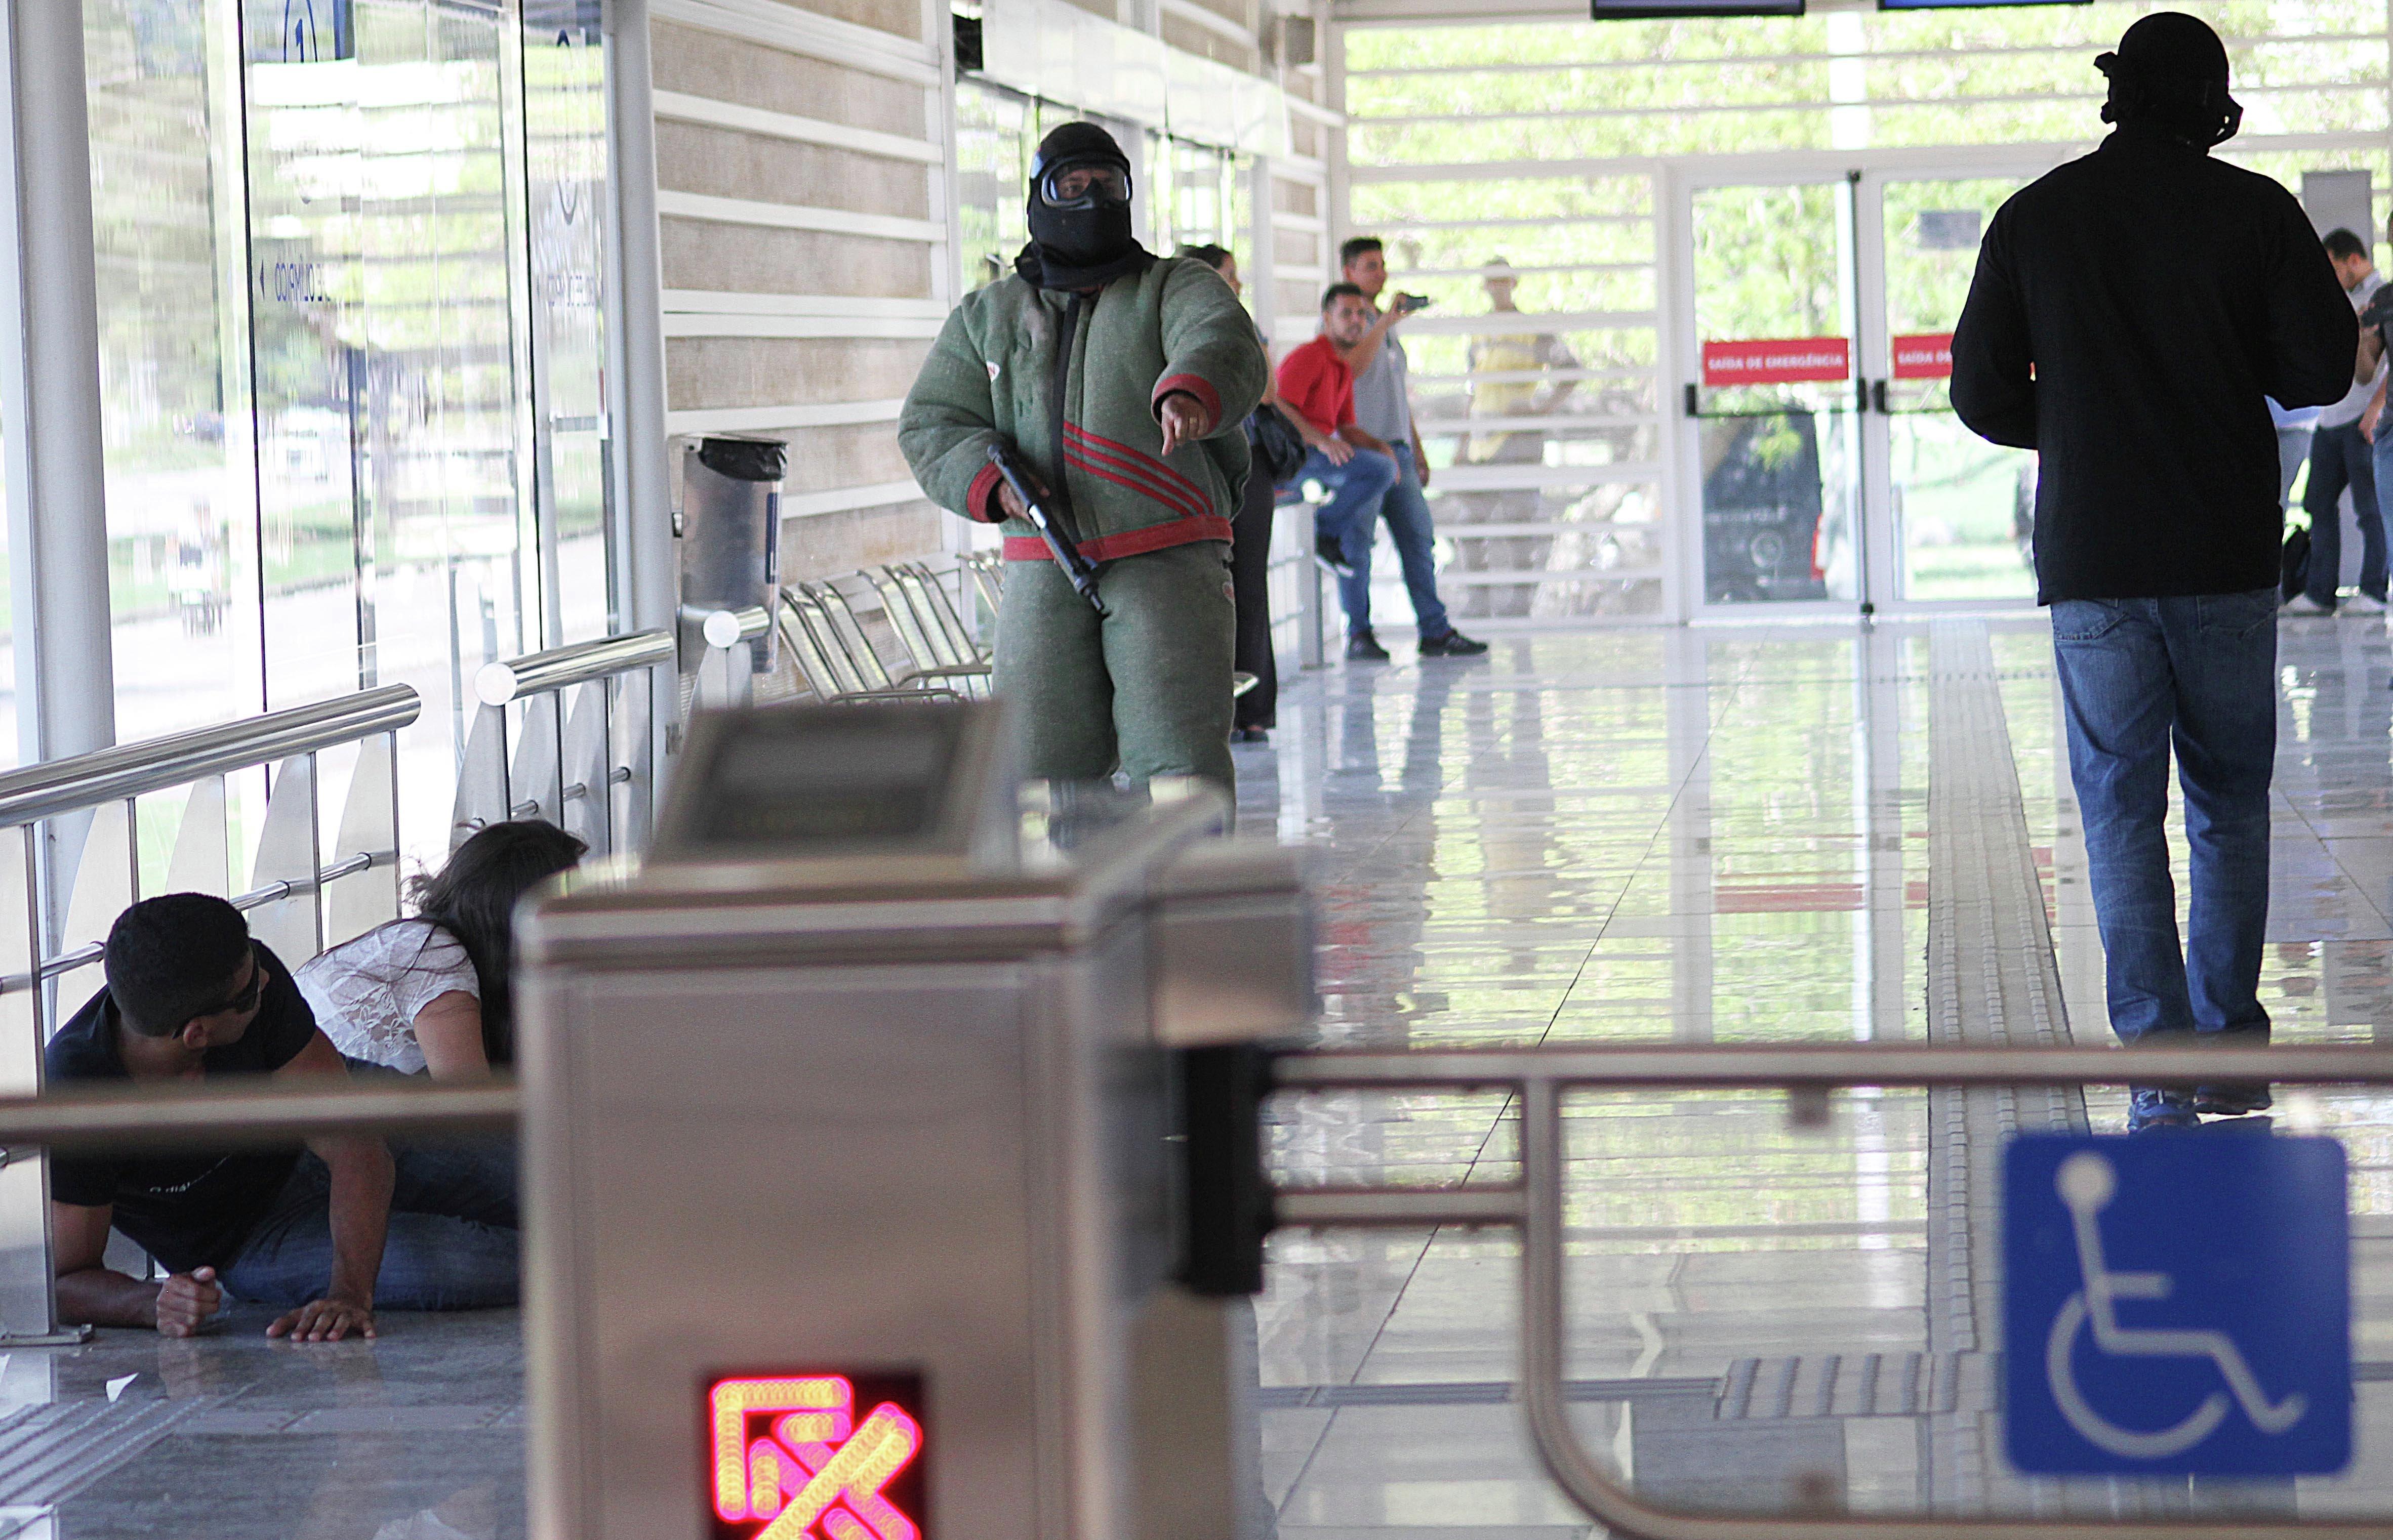 En el interior de la estación los secuestradores amenazan a los rehenes durante el simulacro